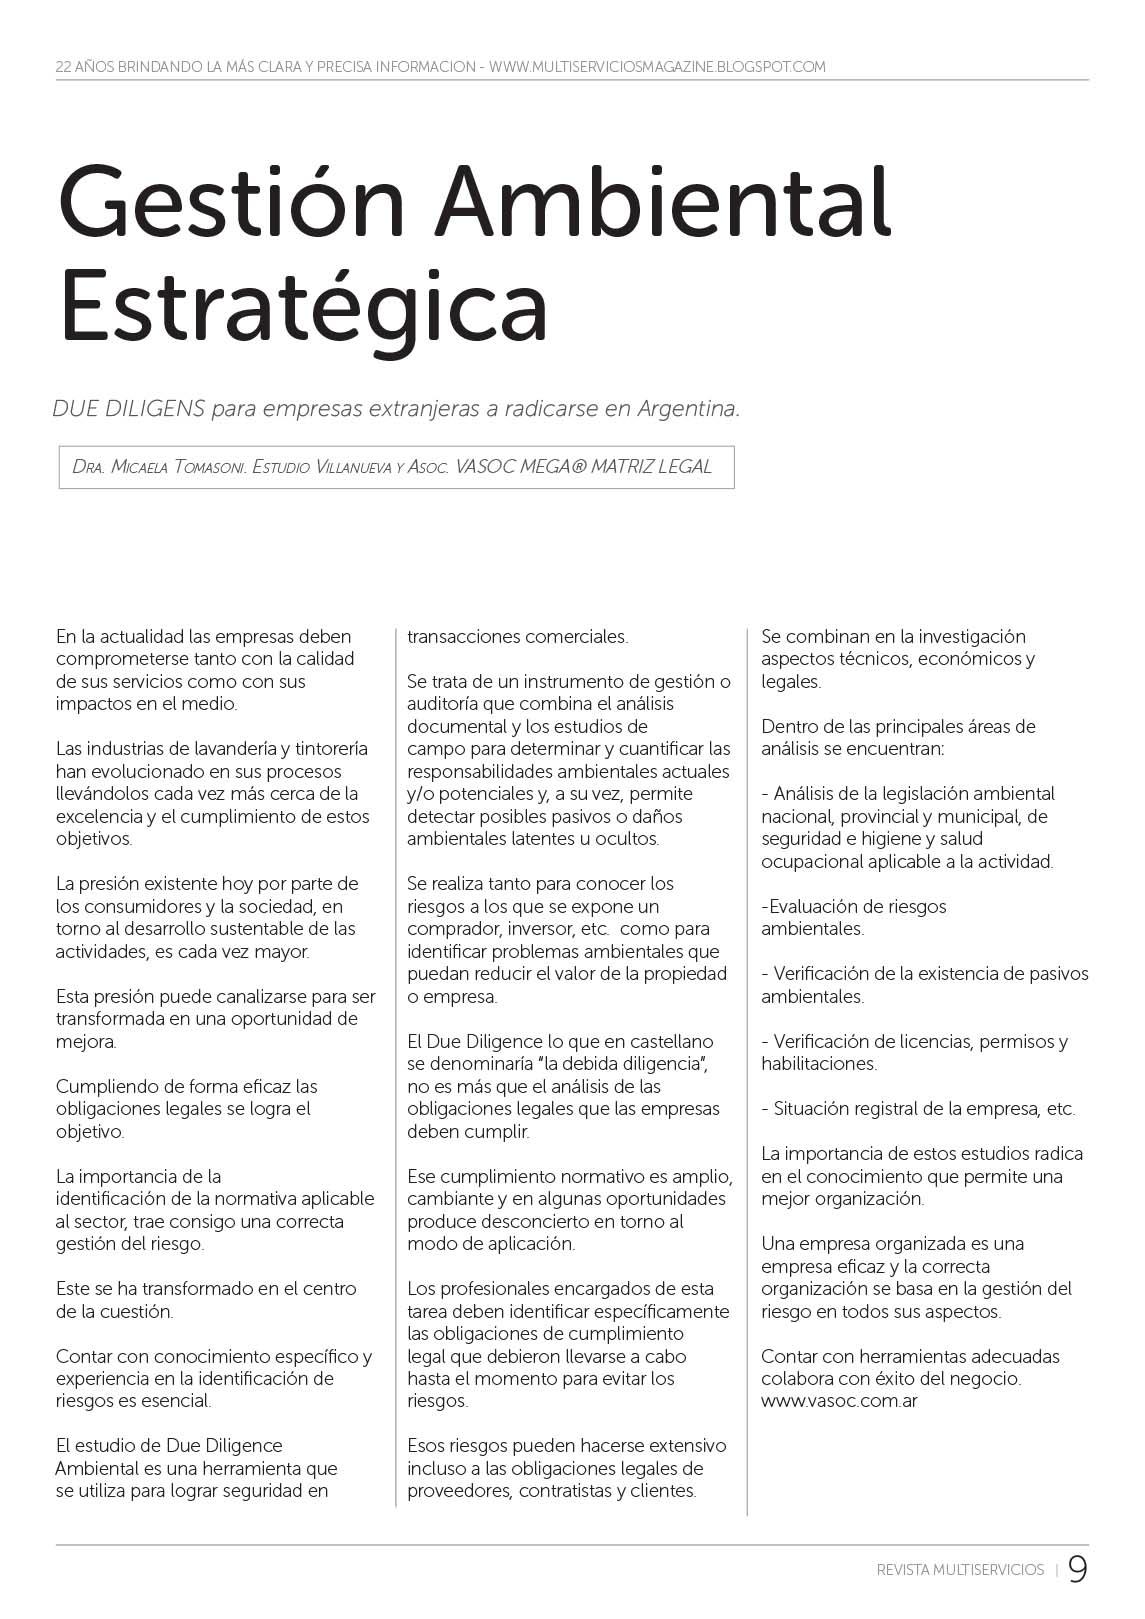 z09-24 copy